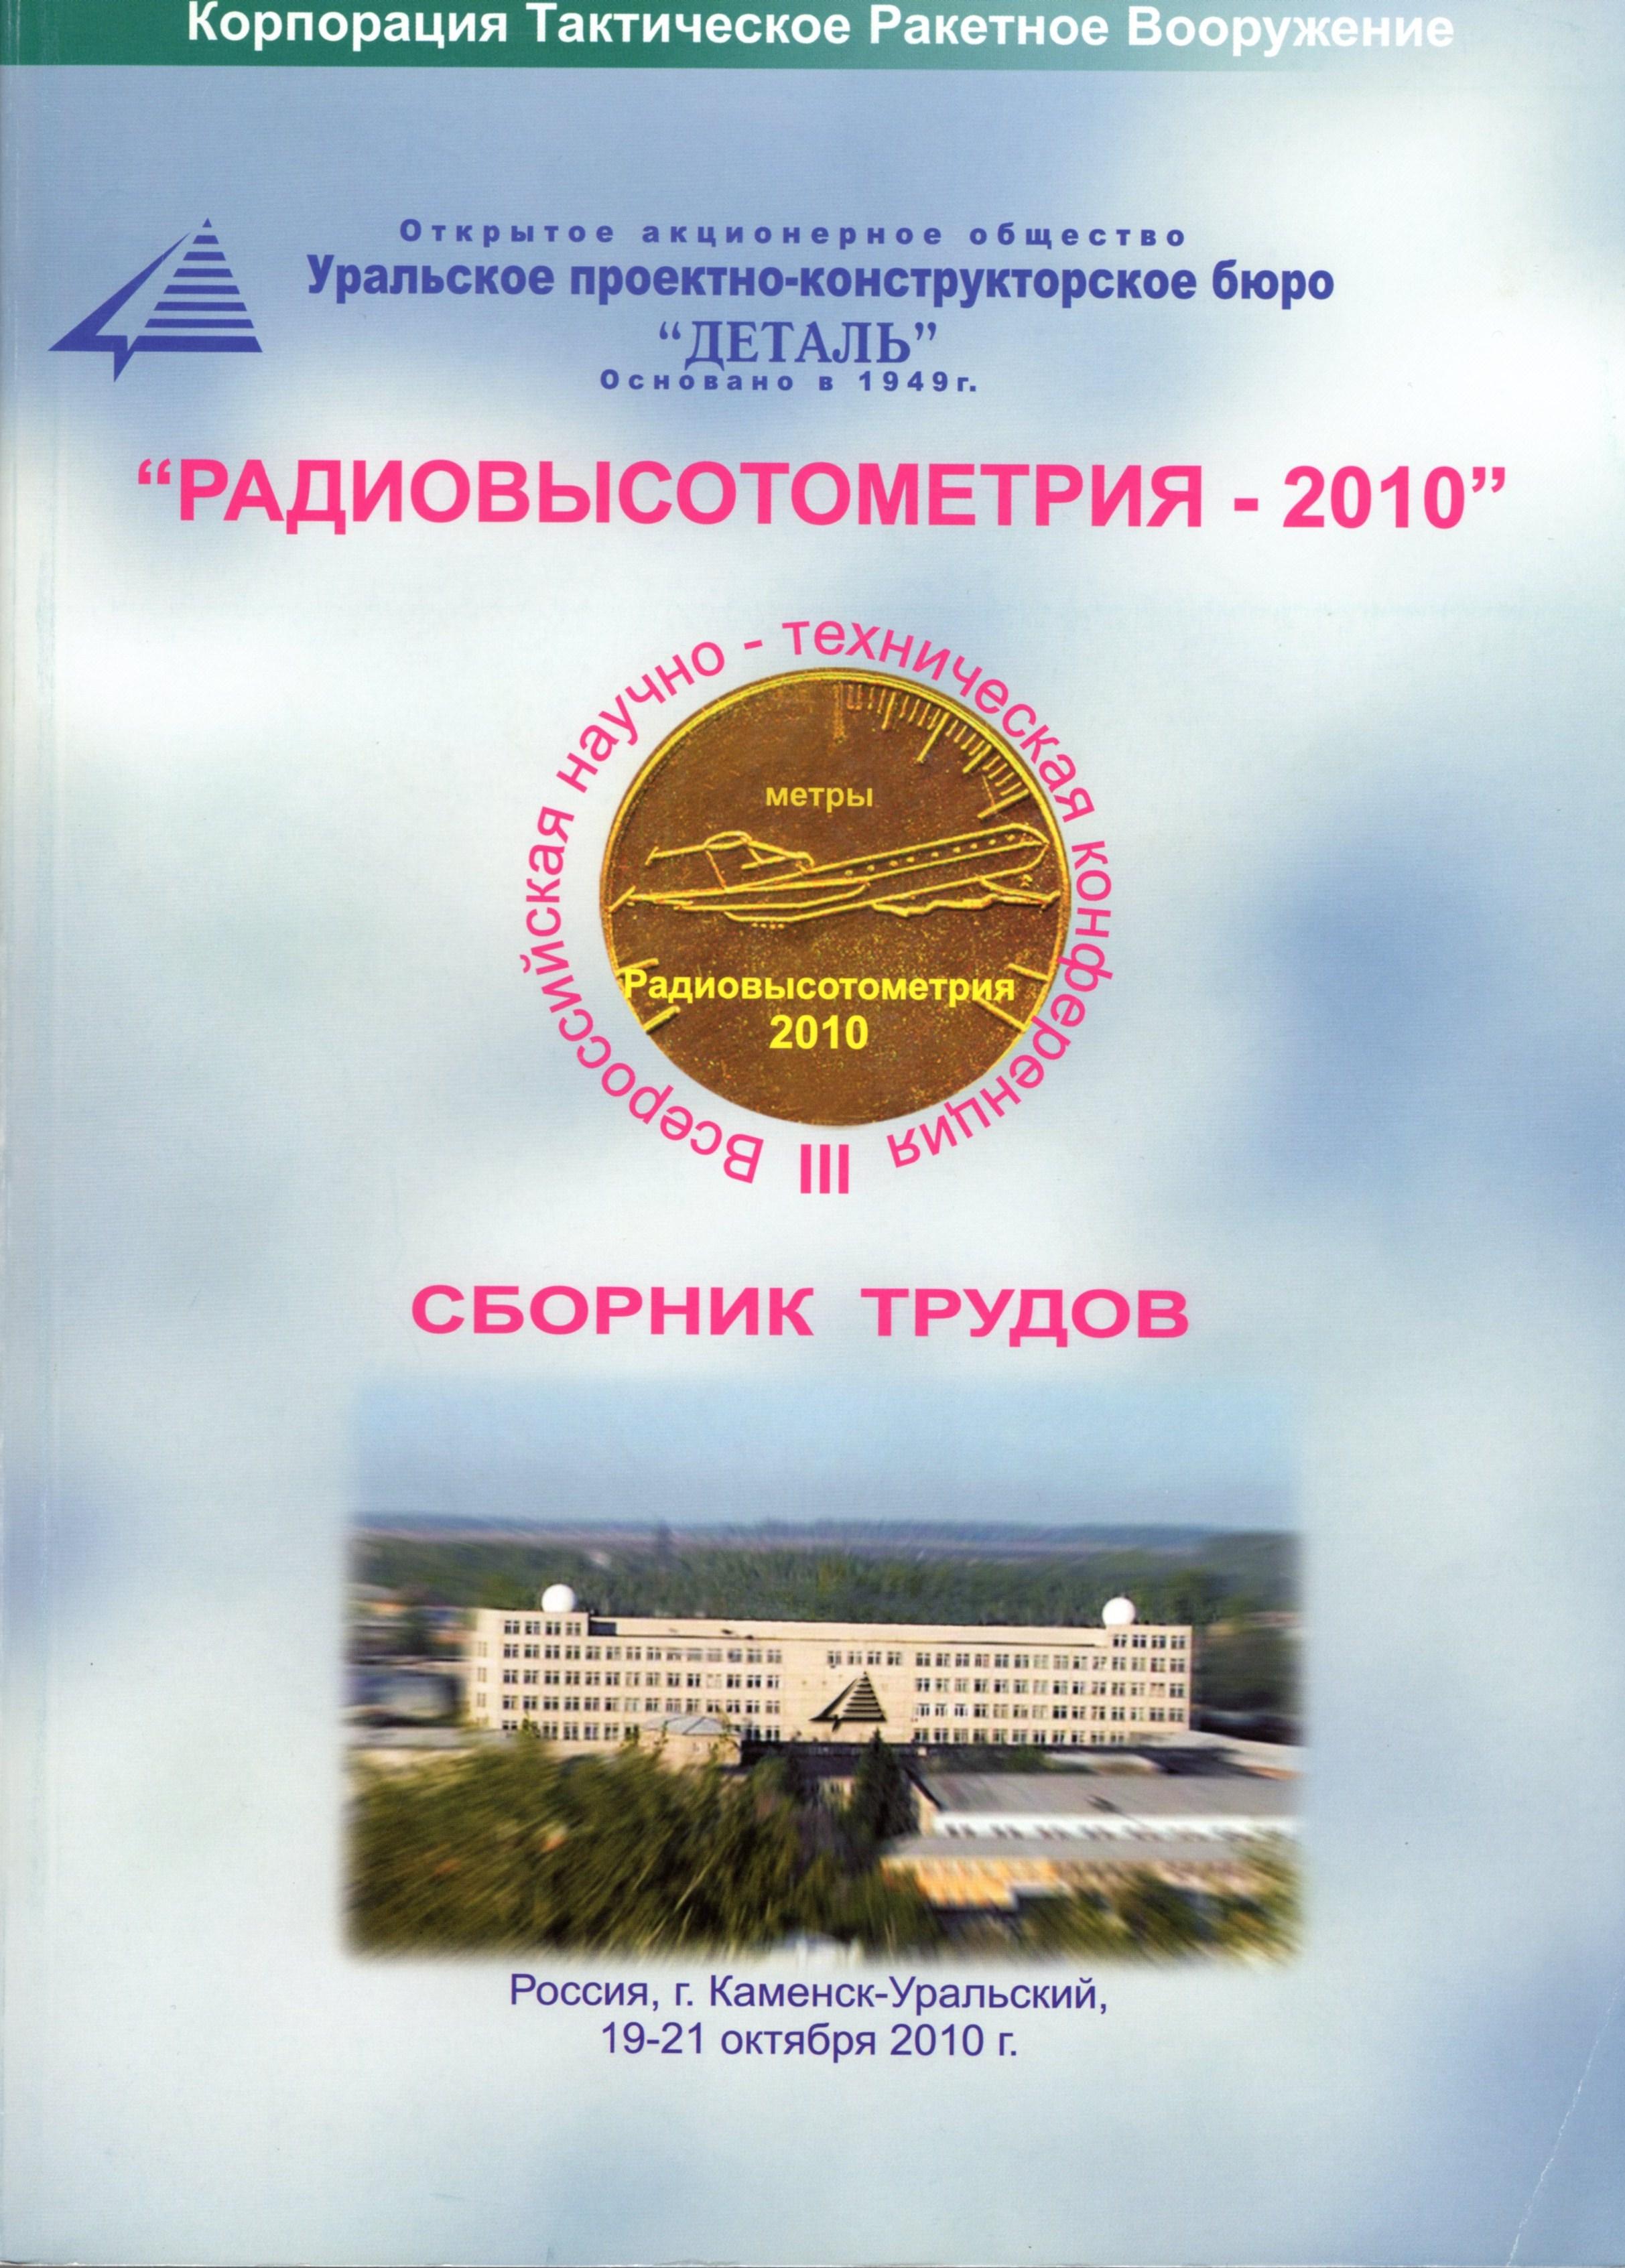 Радиовысотометрия - 2010: Сборник трудов Третьей Всероссийской научно-технической конференции